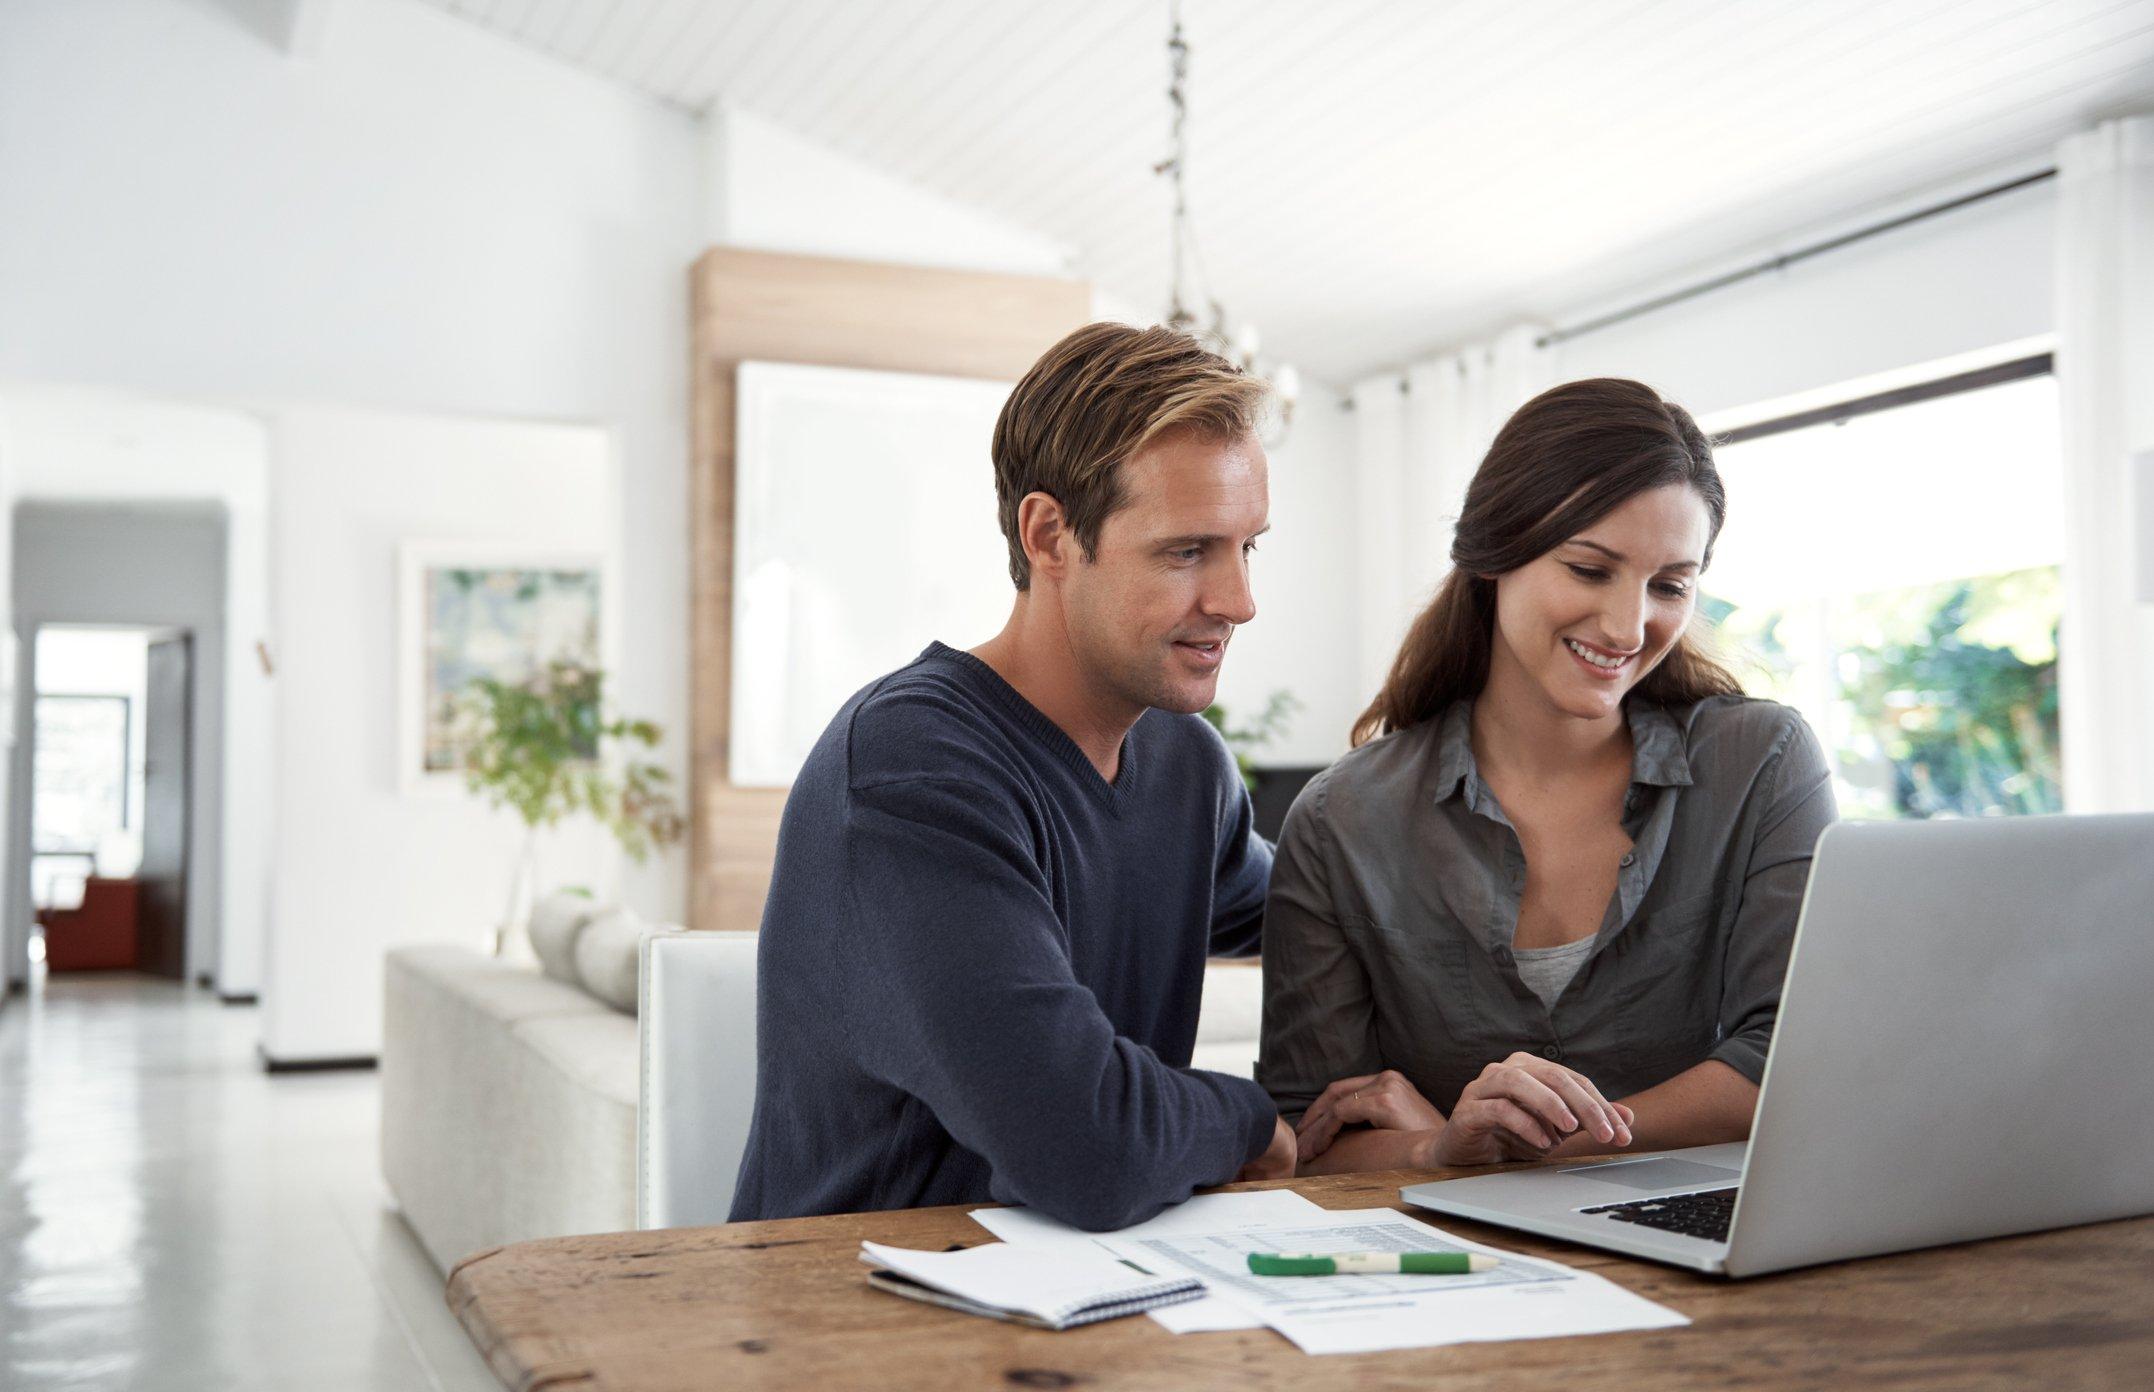 medlåntaker-refinansiering